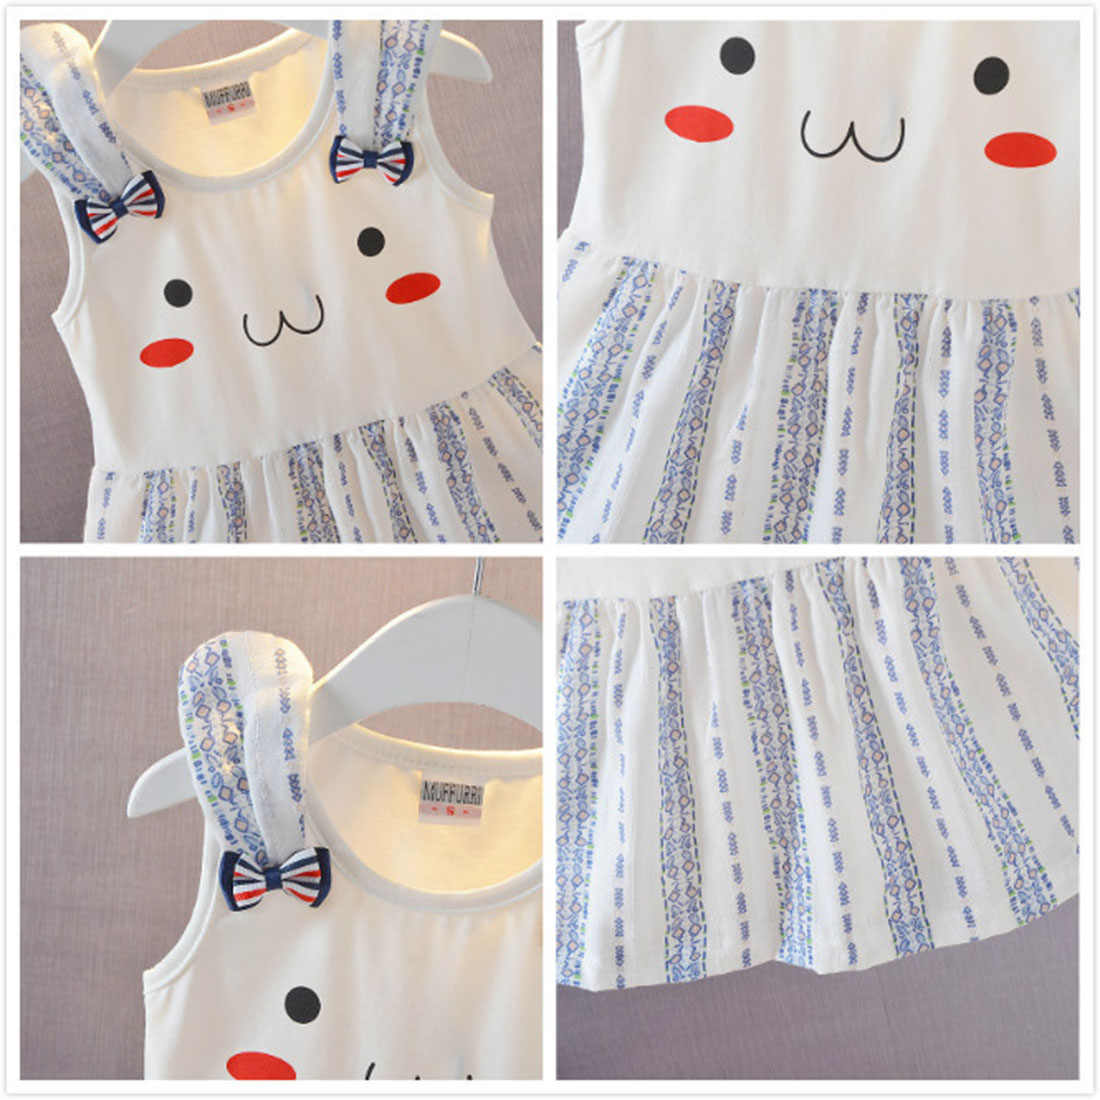 Ubrania dla dzieci kamizelka z krótkim rękawem Flower Party dziewczyna maluch tutu siatki letnie nowe dzieci sukienka bawełna koreański ananas sukienka słodkie